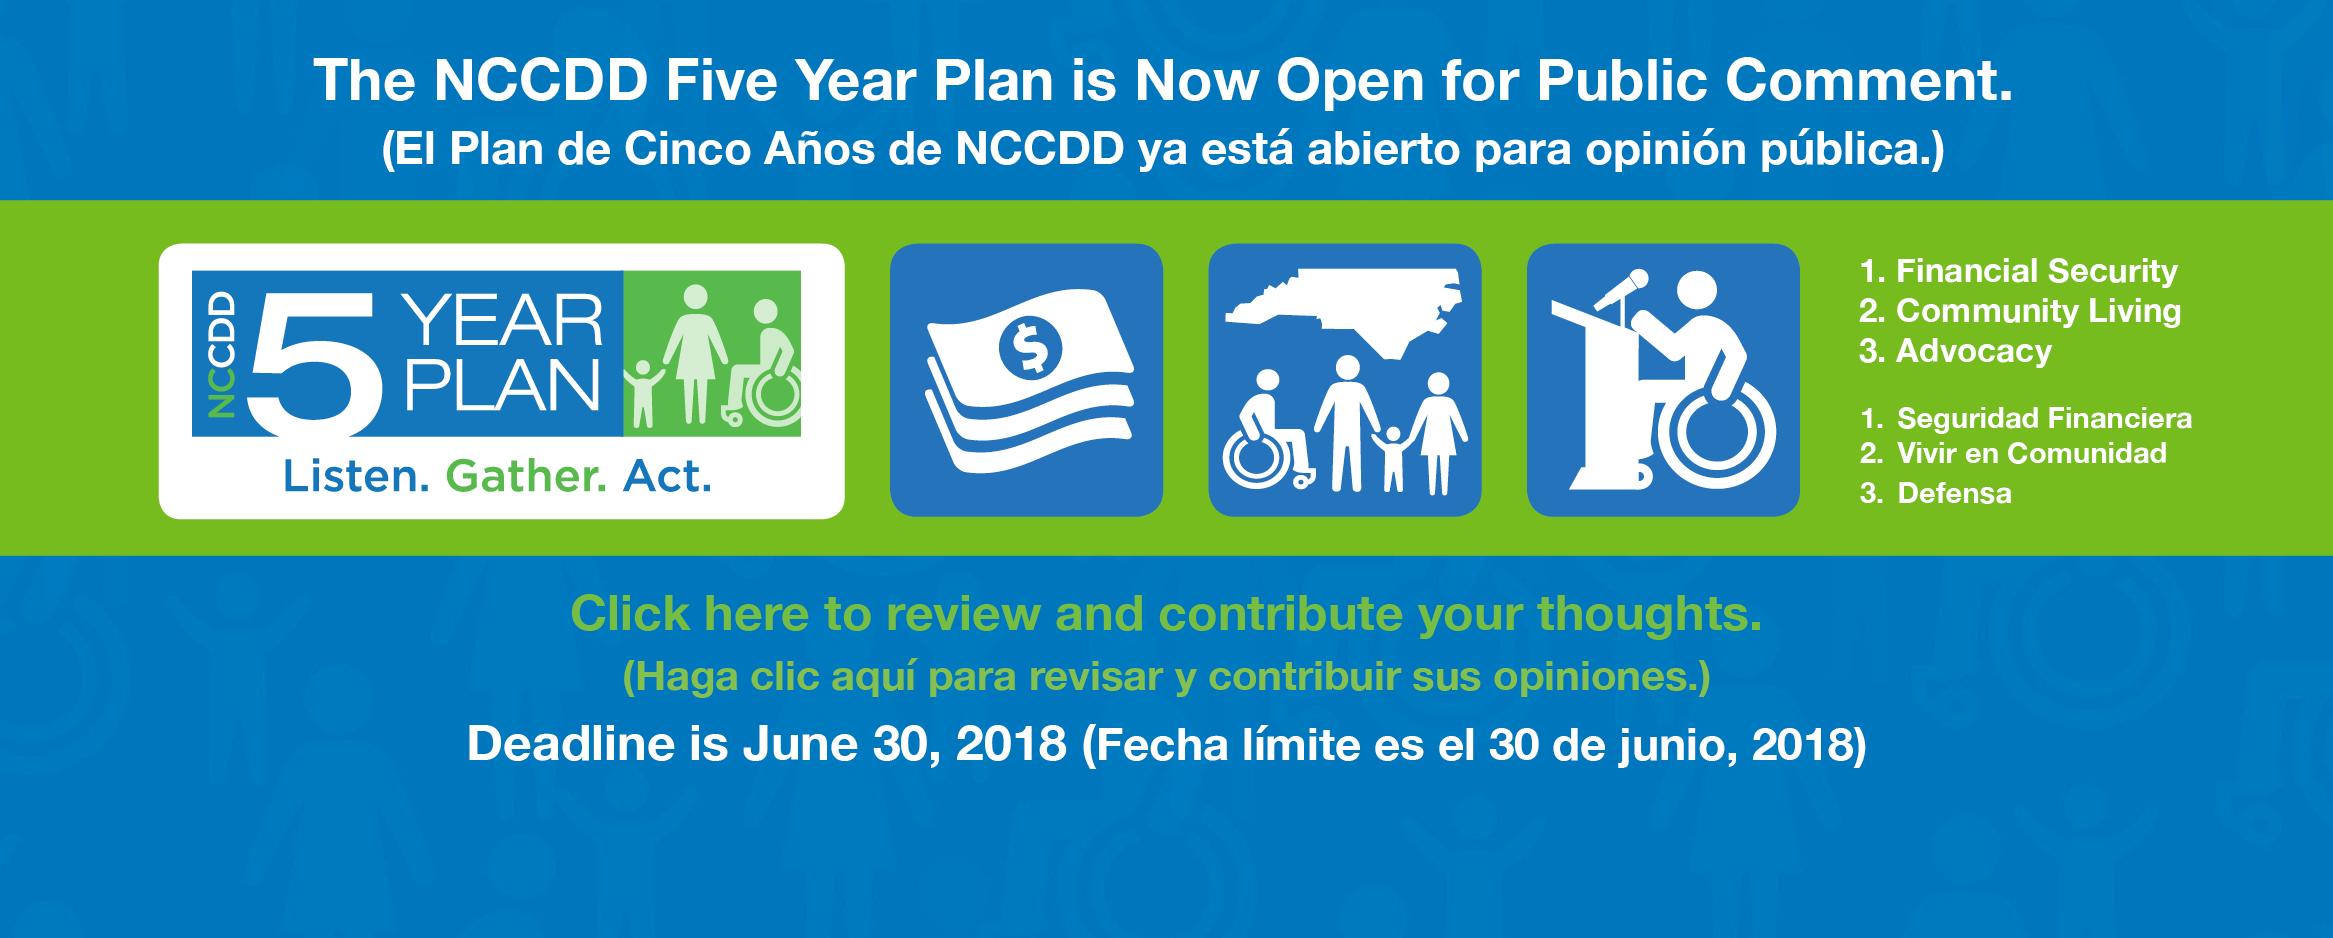 The NCCDD Five Year Plan is Now Open for Public Comment. (El Plan de Cinco Años de NCCDD ya está abierto para opinión pública.)